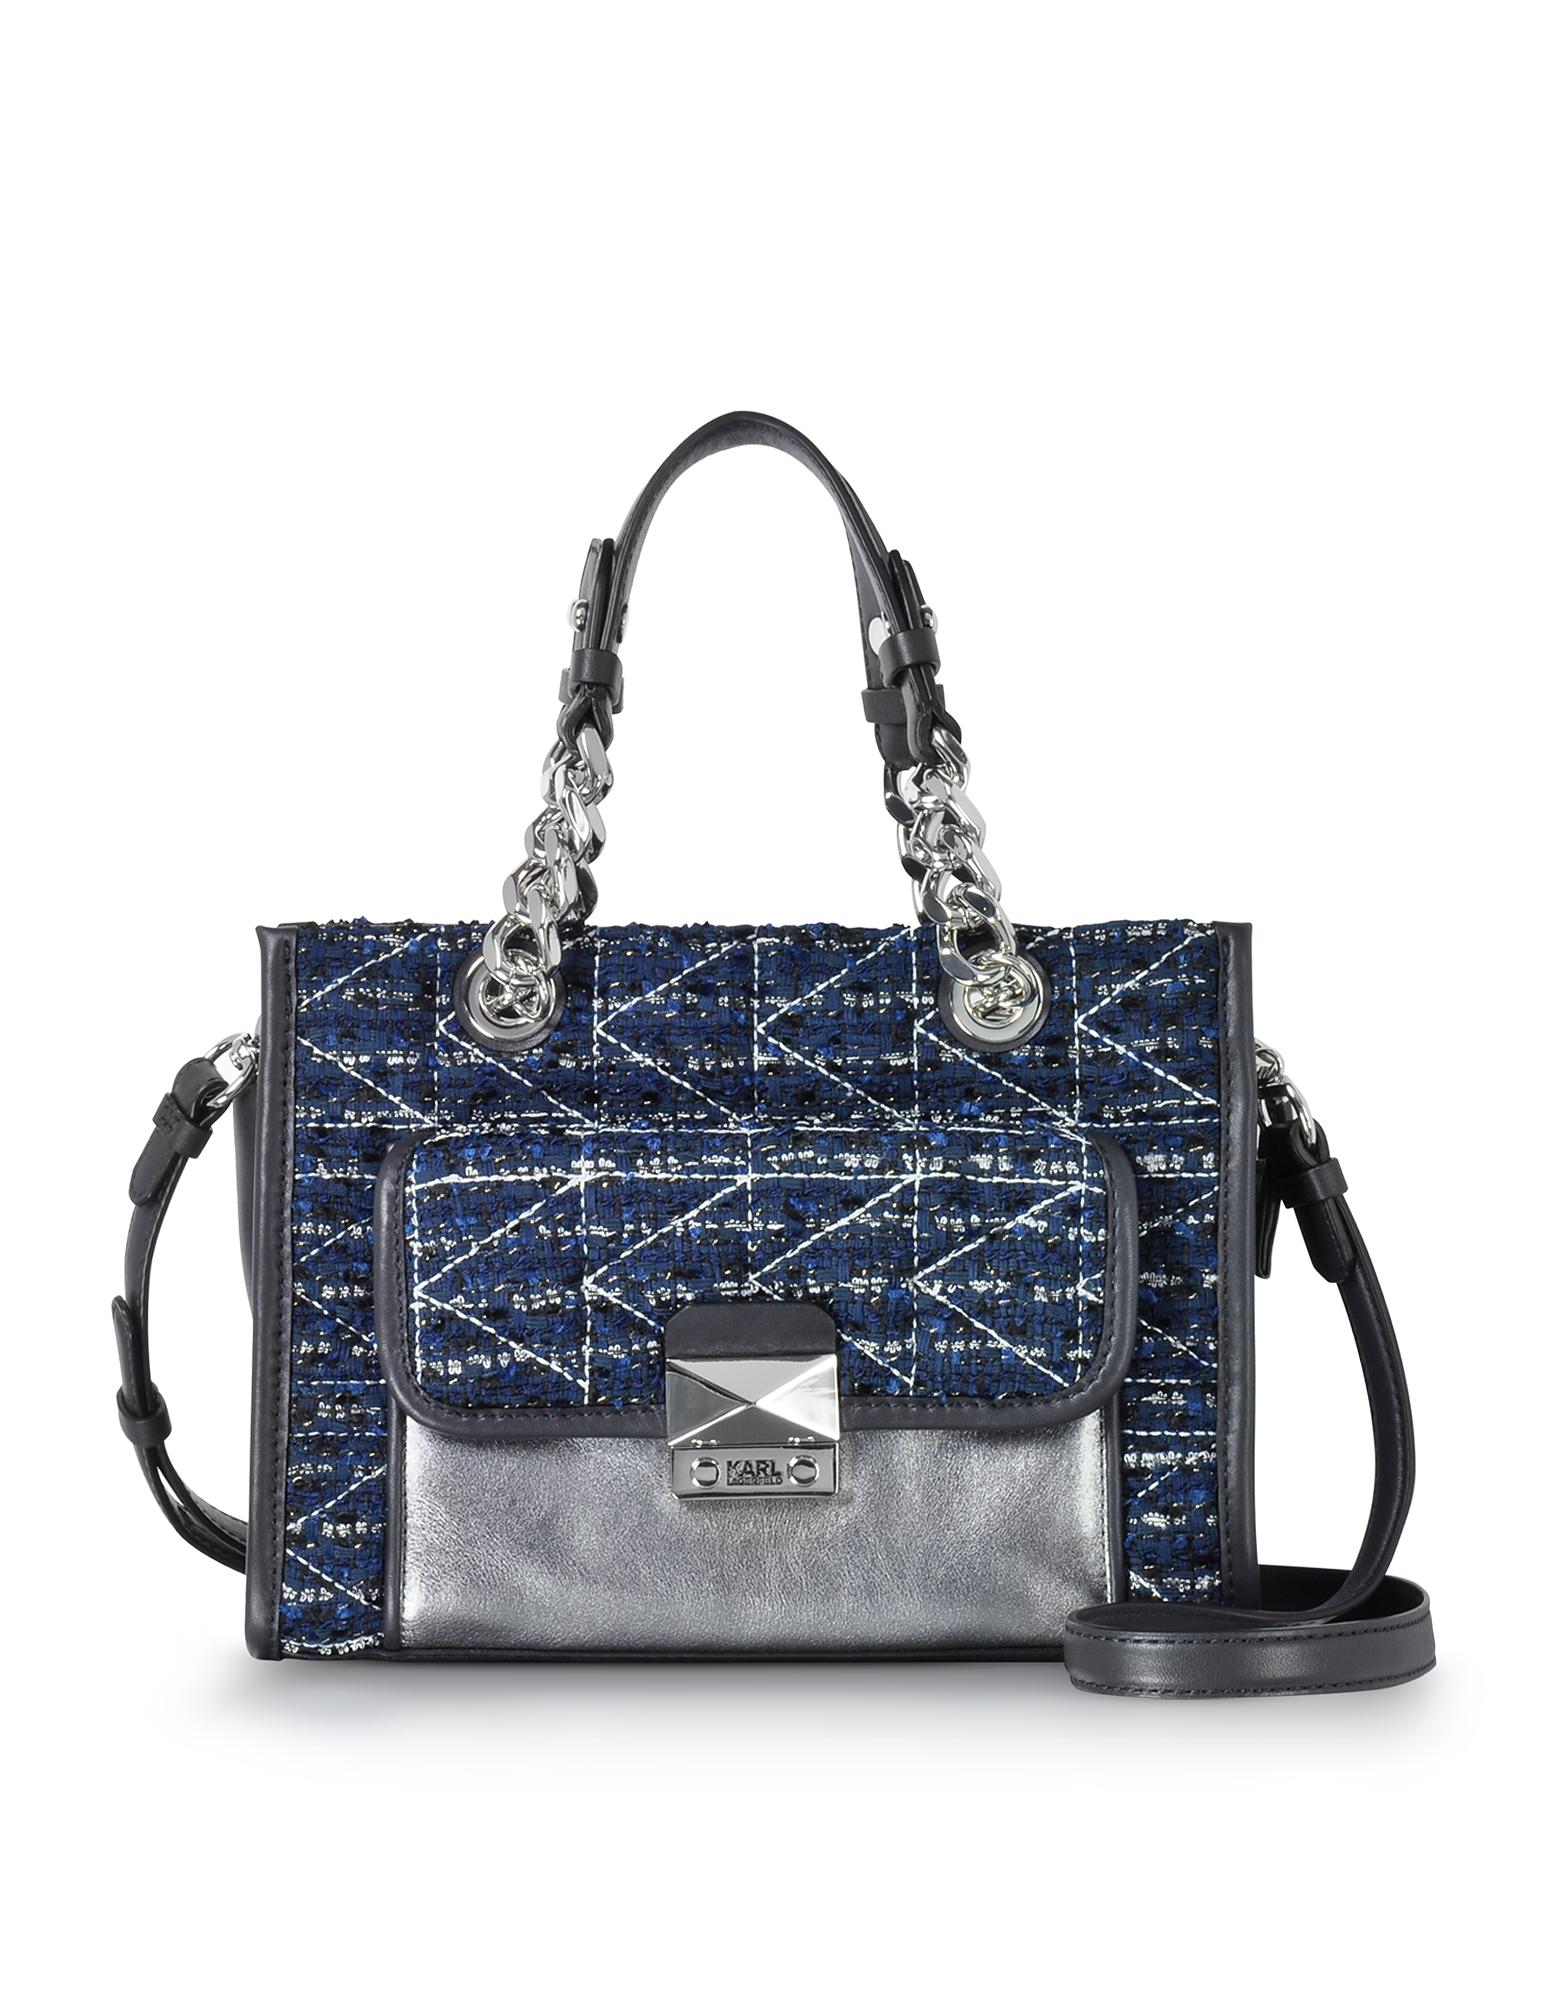 Karl Lagerfeld Handbags, K/Kuilted Tweed Night Sky Mini Tote Bag